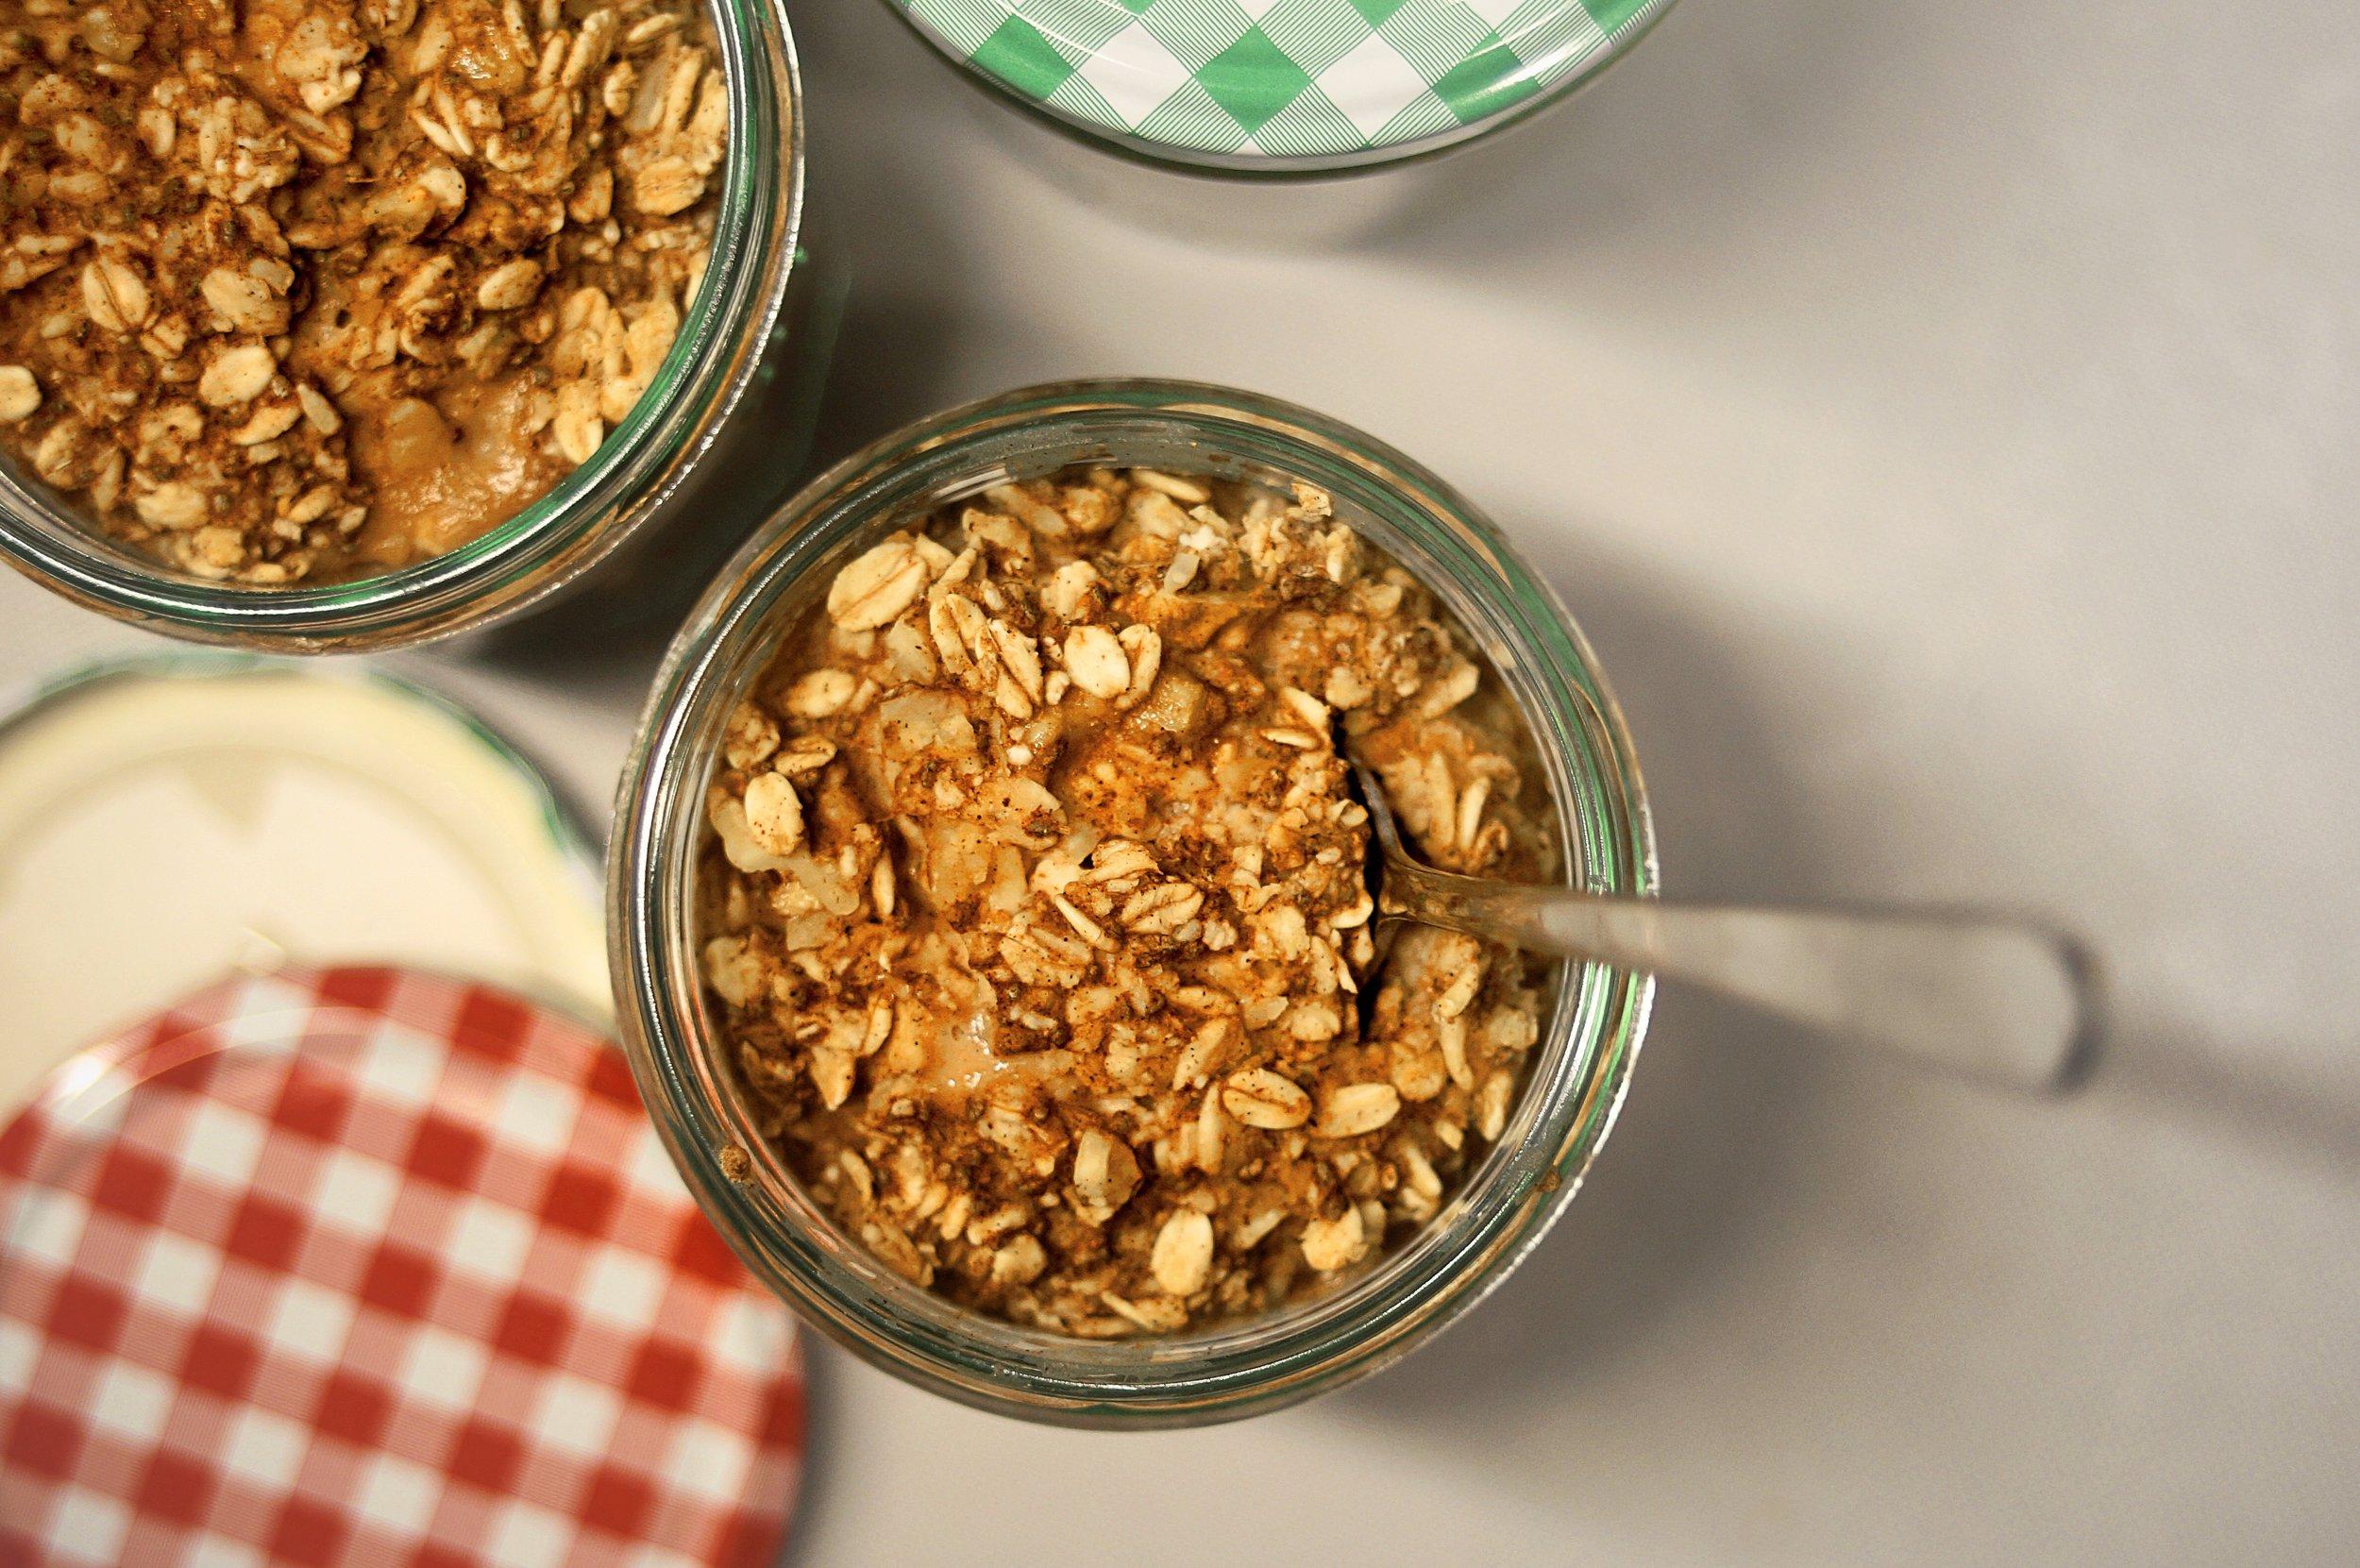 www.coreoflife.co.uk - Eat Yourself Healthy